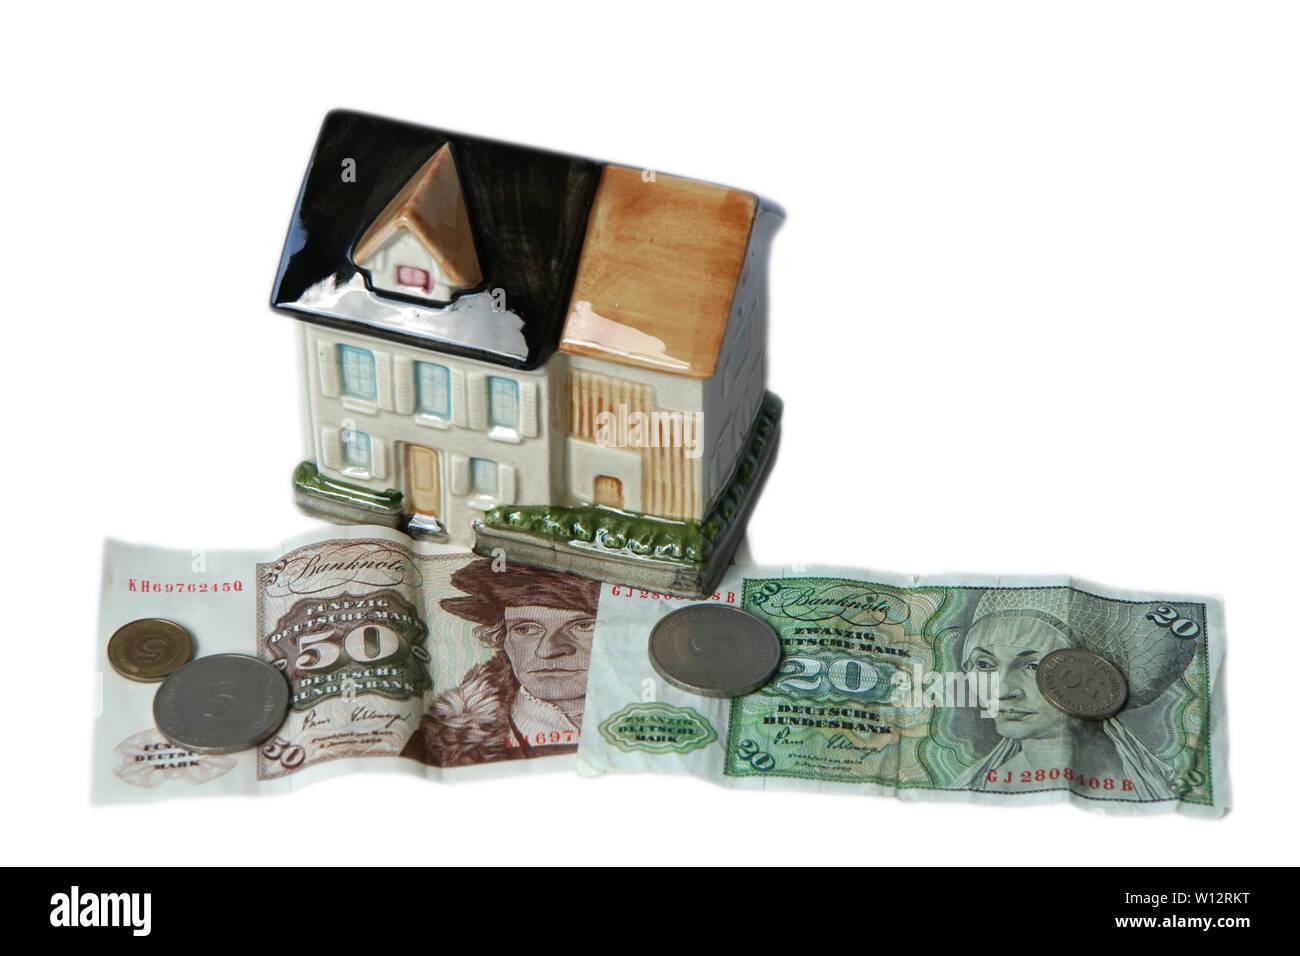 Symbolfoto Haus als Spardose mit DM-Banknoten und Münzen - Stock Image